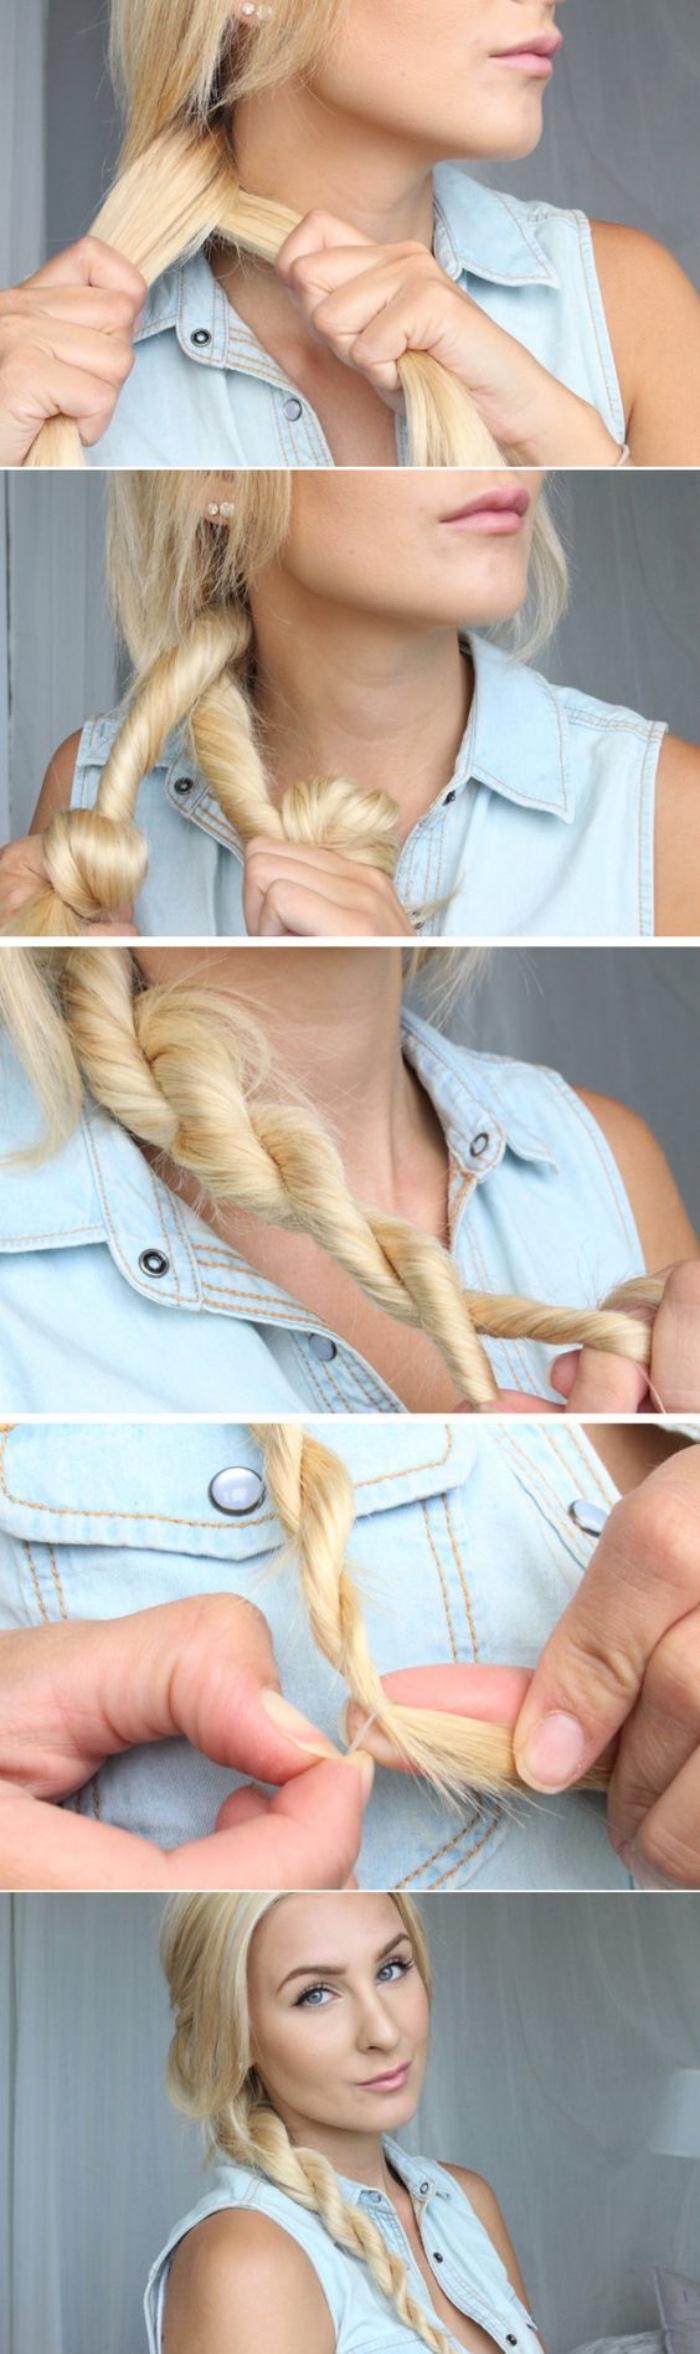 comment faire une tresse simple à partir de deux mèches entortillées et tressées, cheveux longs blonde